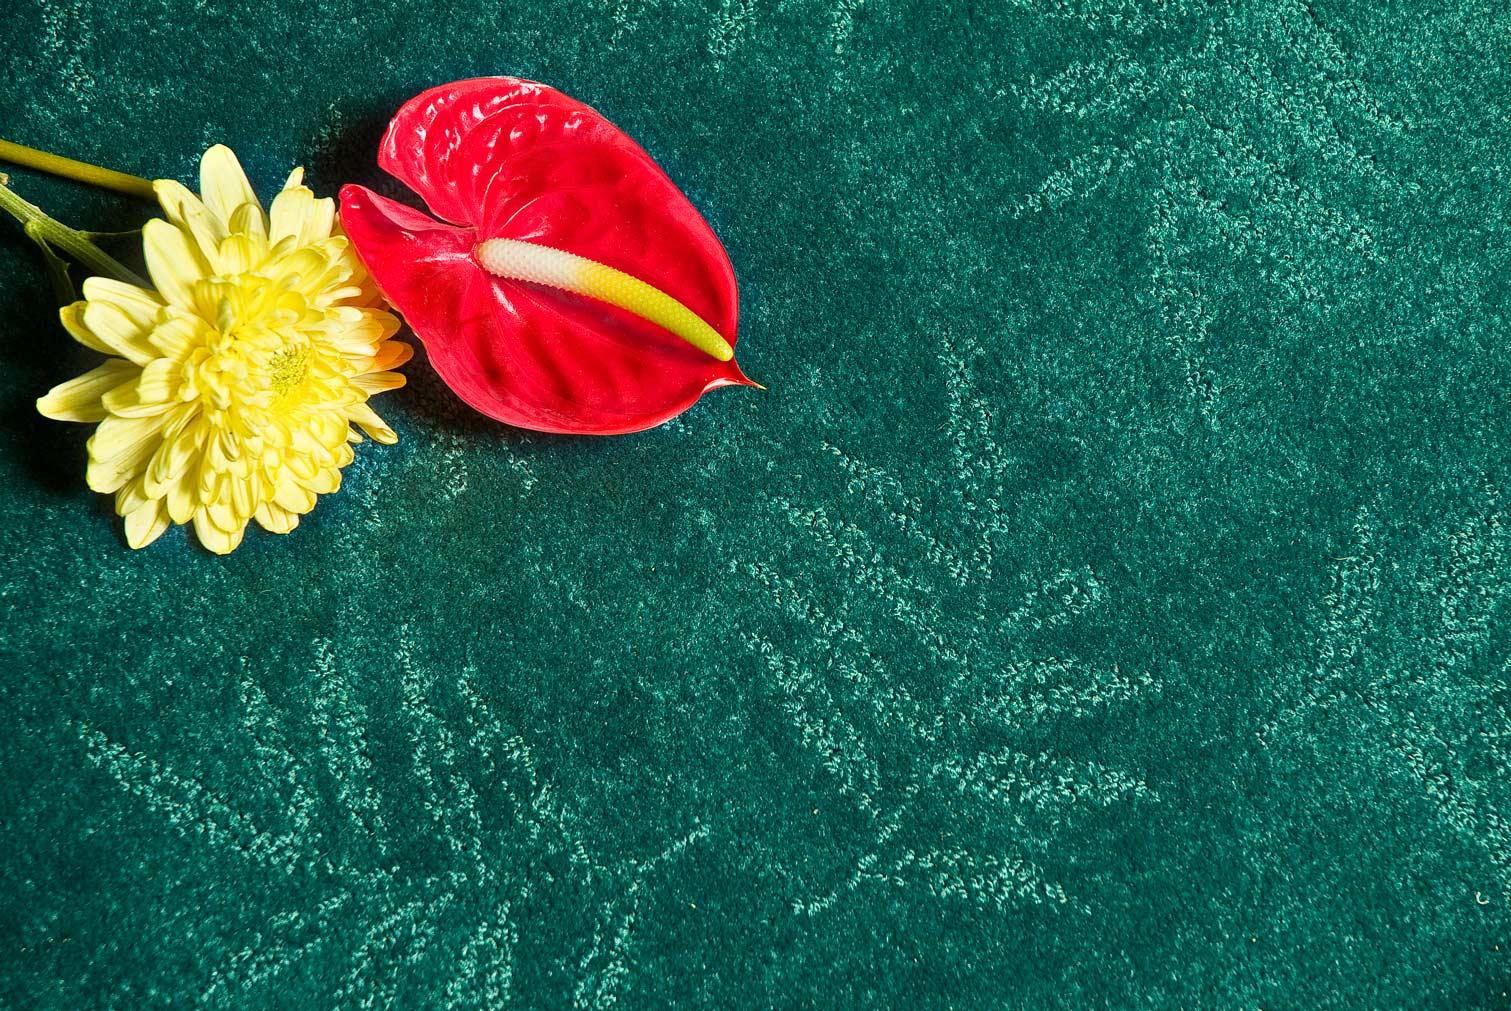 DSCF0017_green_carpet-with-flowers